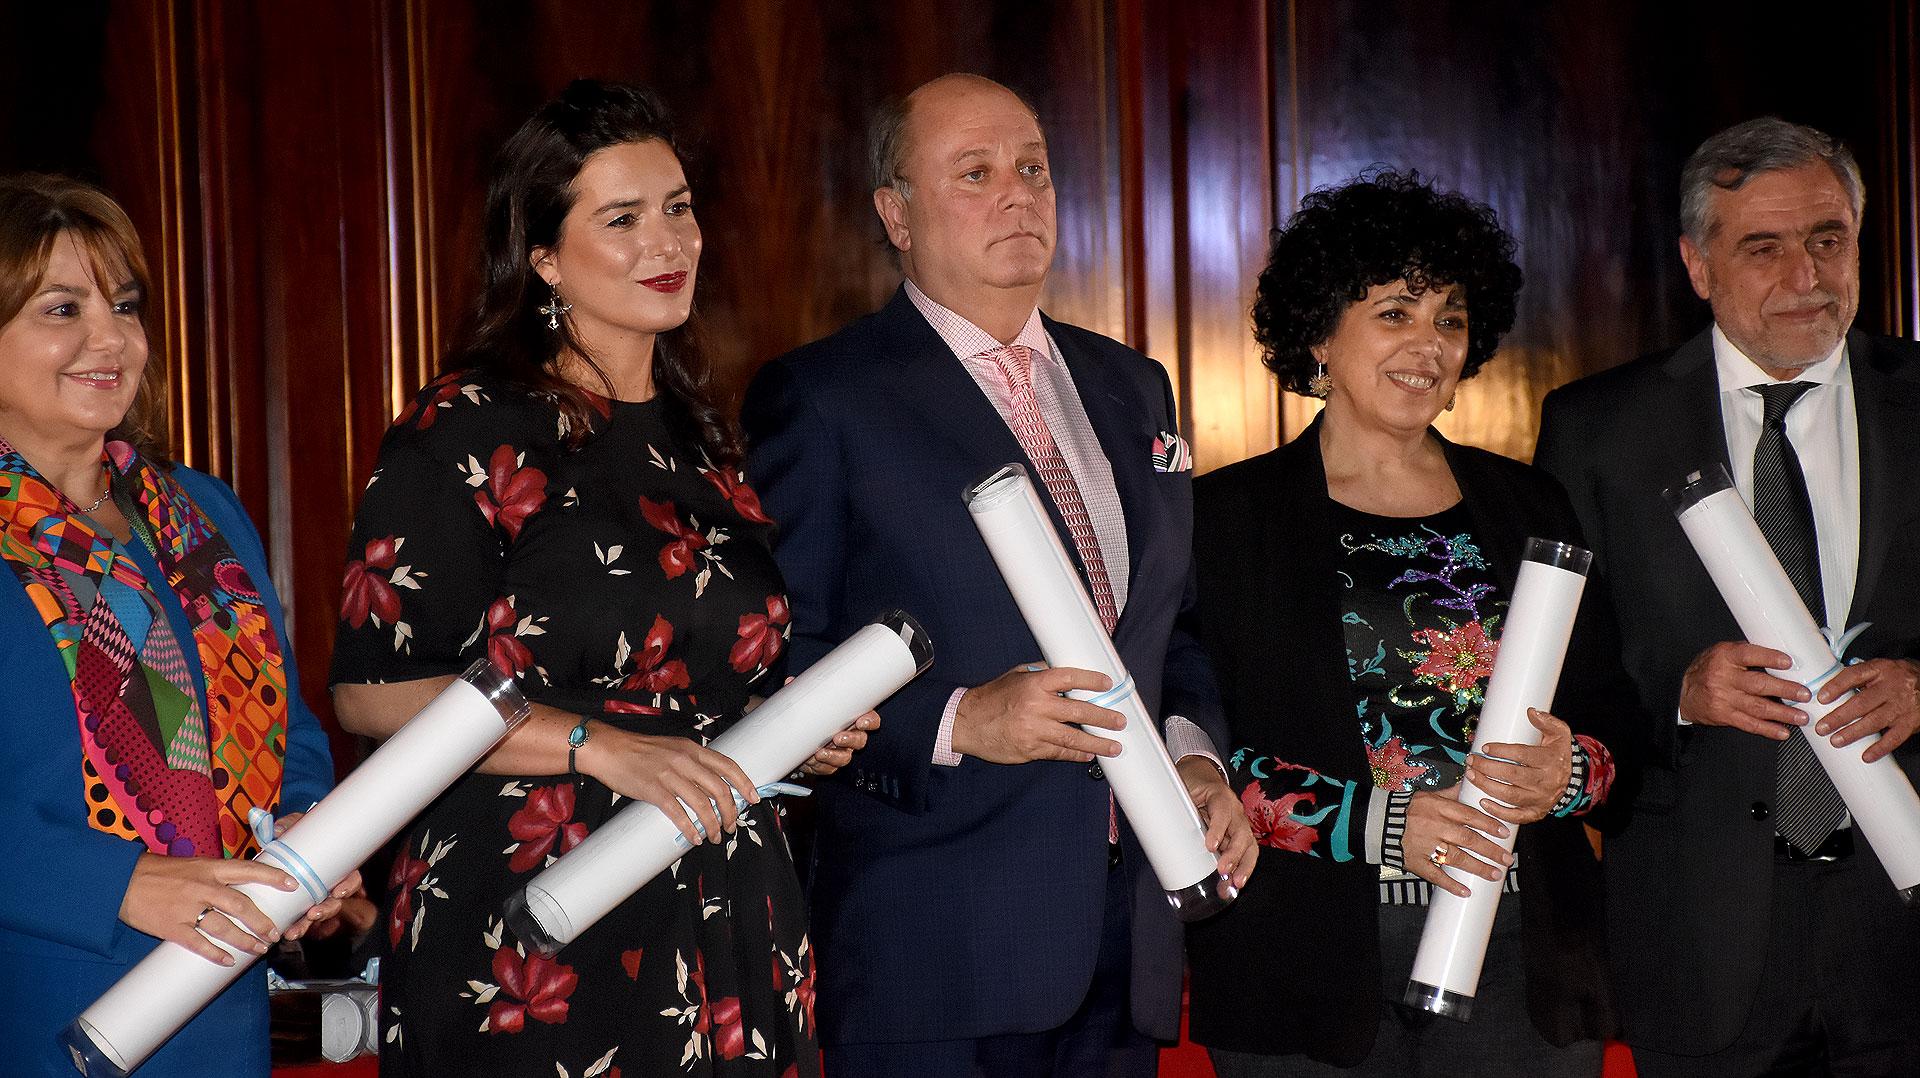 Claudia Álvarez Argüelles, Inés Berton, Martín Cabrales, la representante de Marcelo Salas Martínez y José Alberto Zuccardi